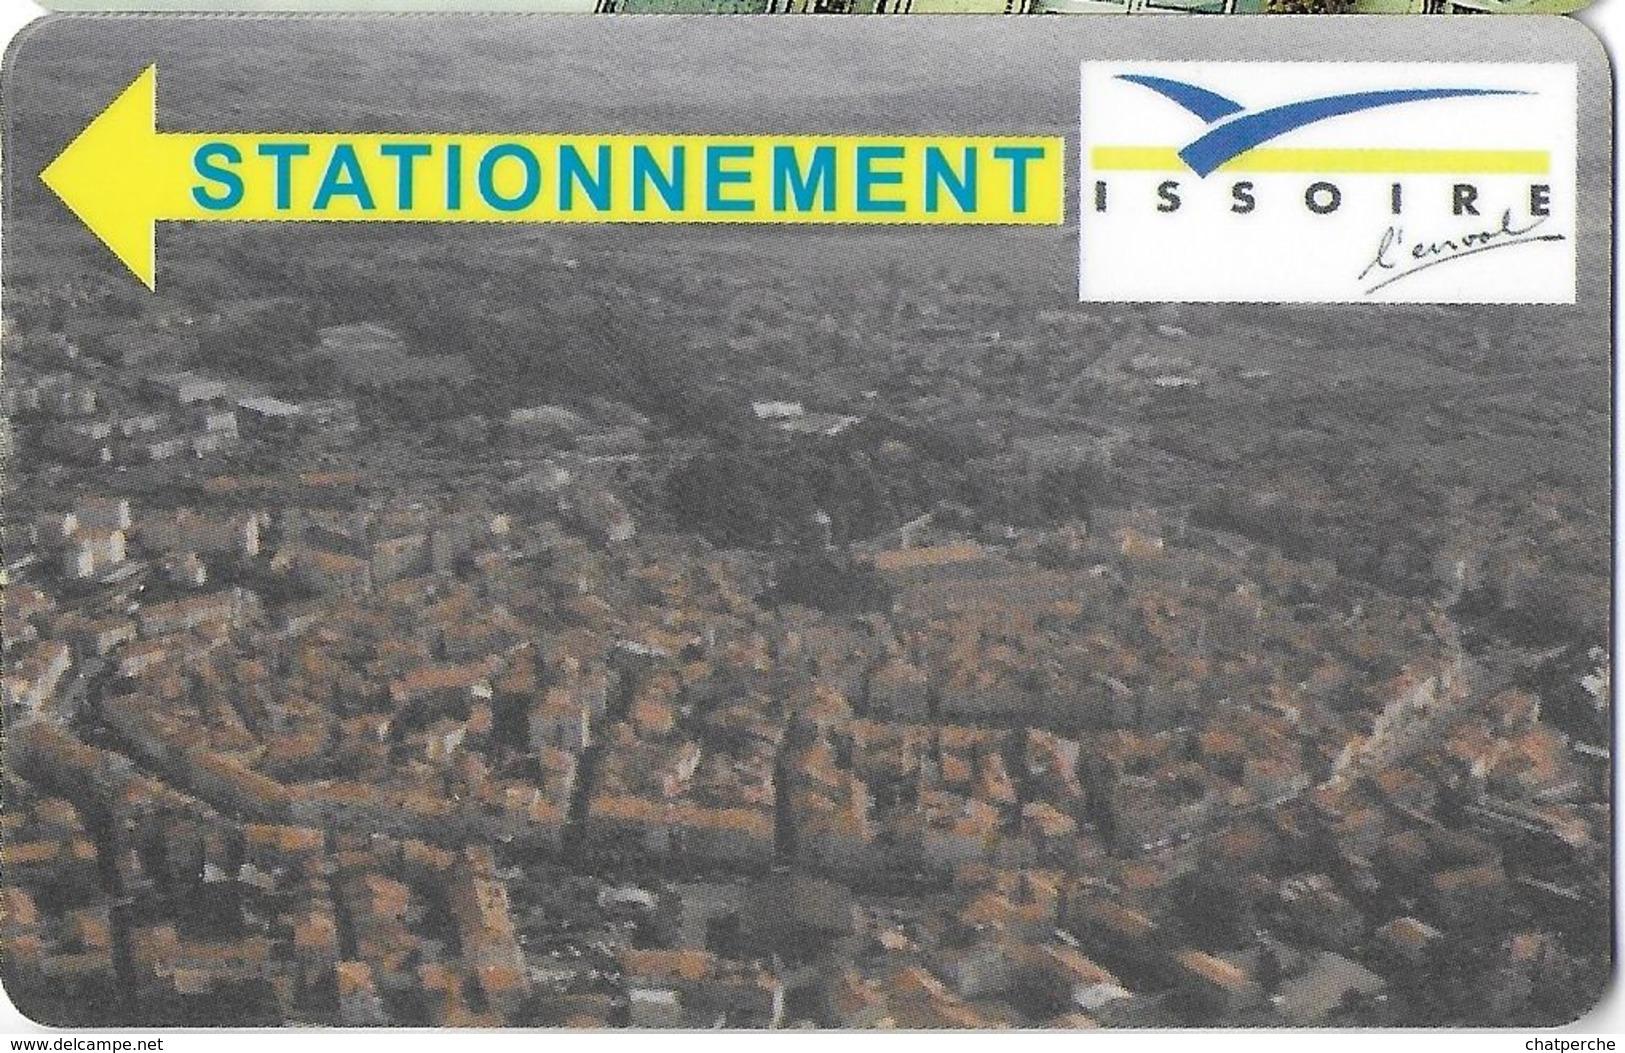 CARTE DE STATIONNEMENT  BANDE MAGNÉTIQUE VILLE DE ISSOIRE 63 PUY DE DOME - Francia